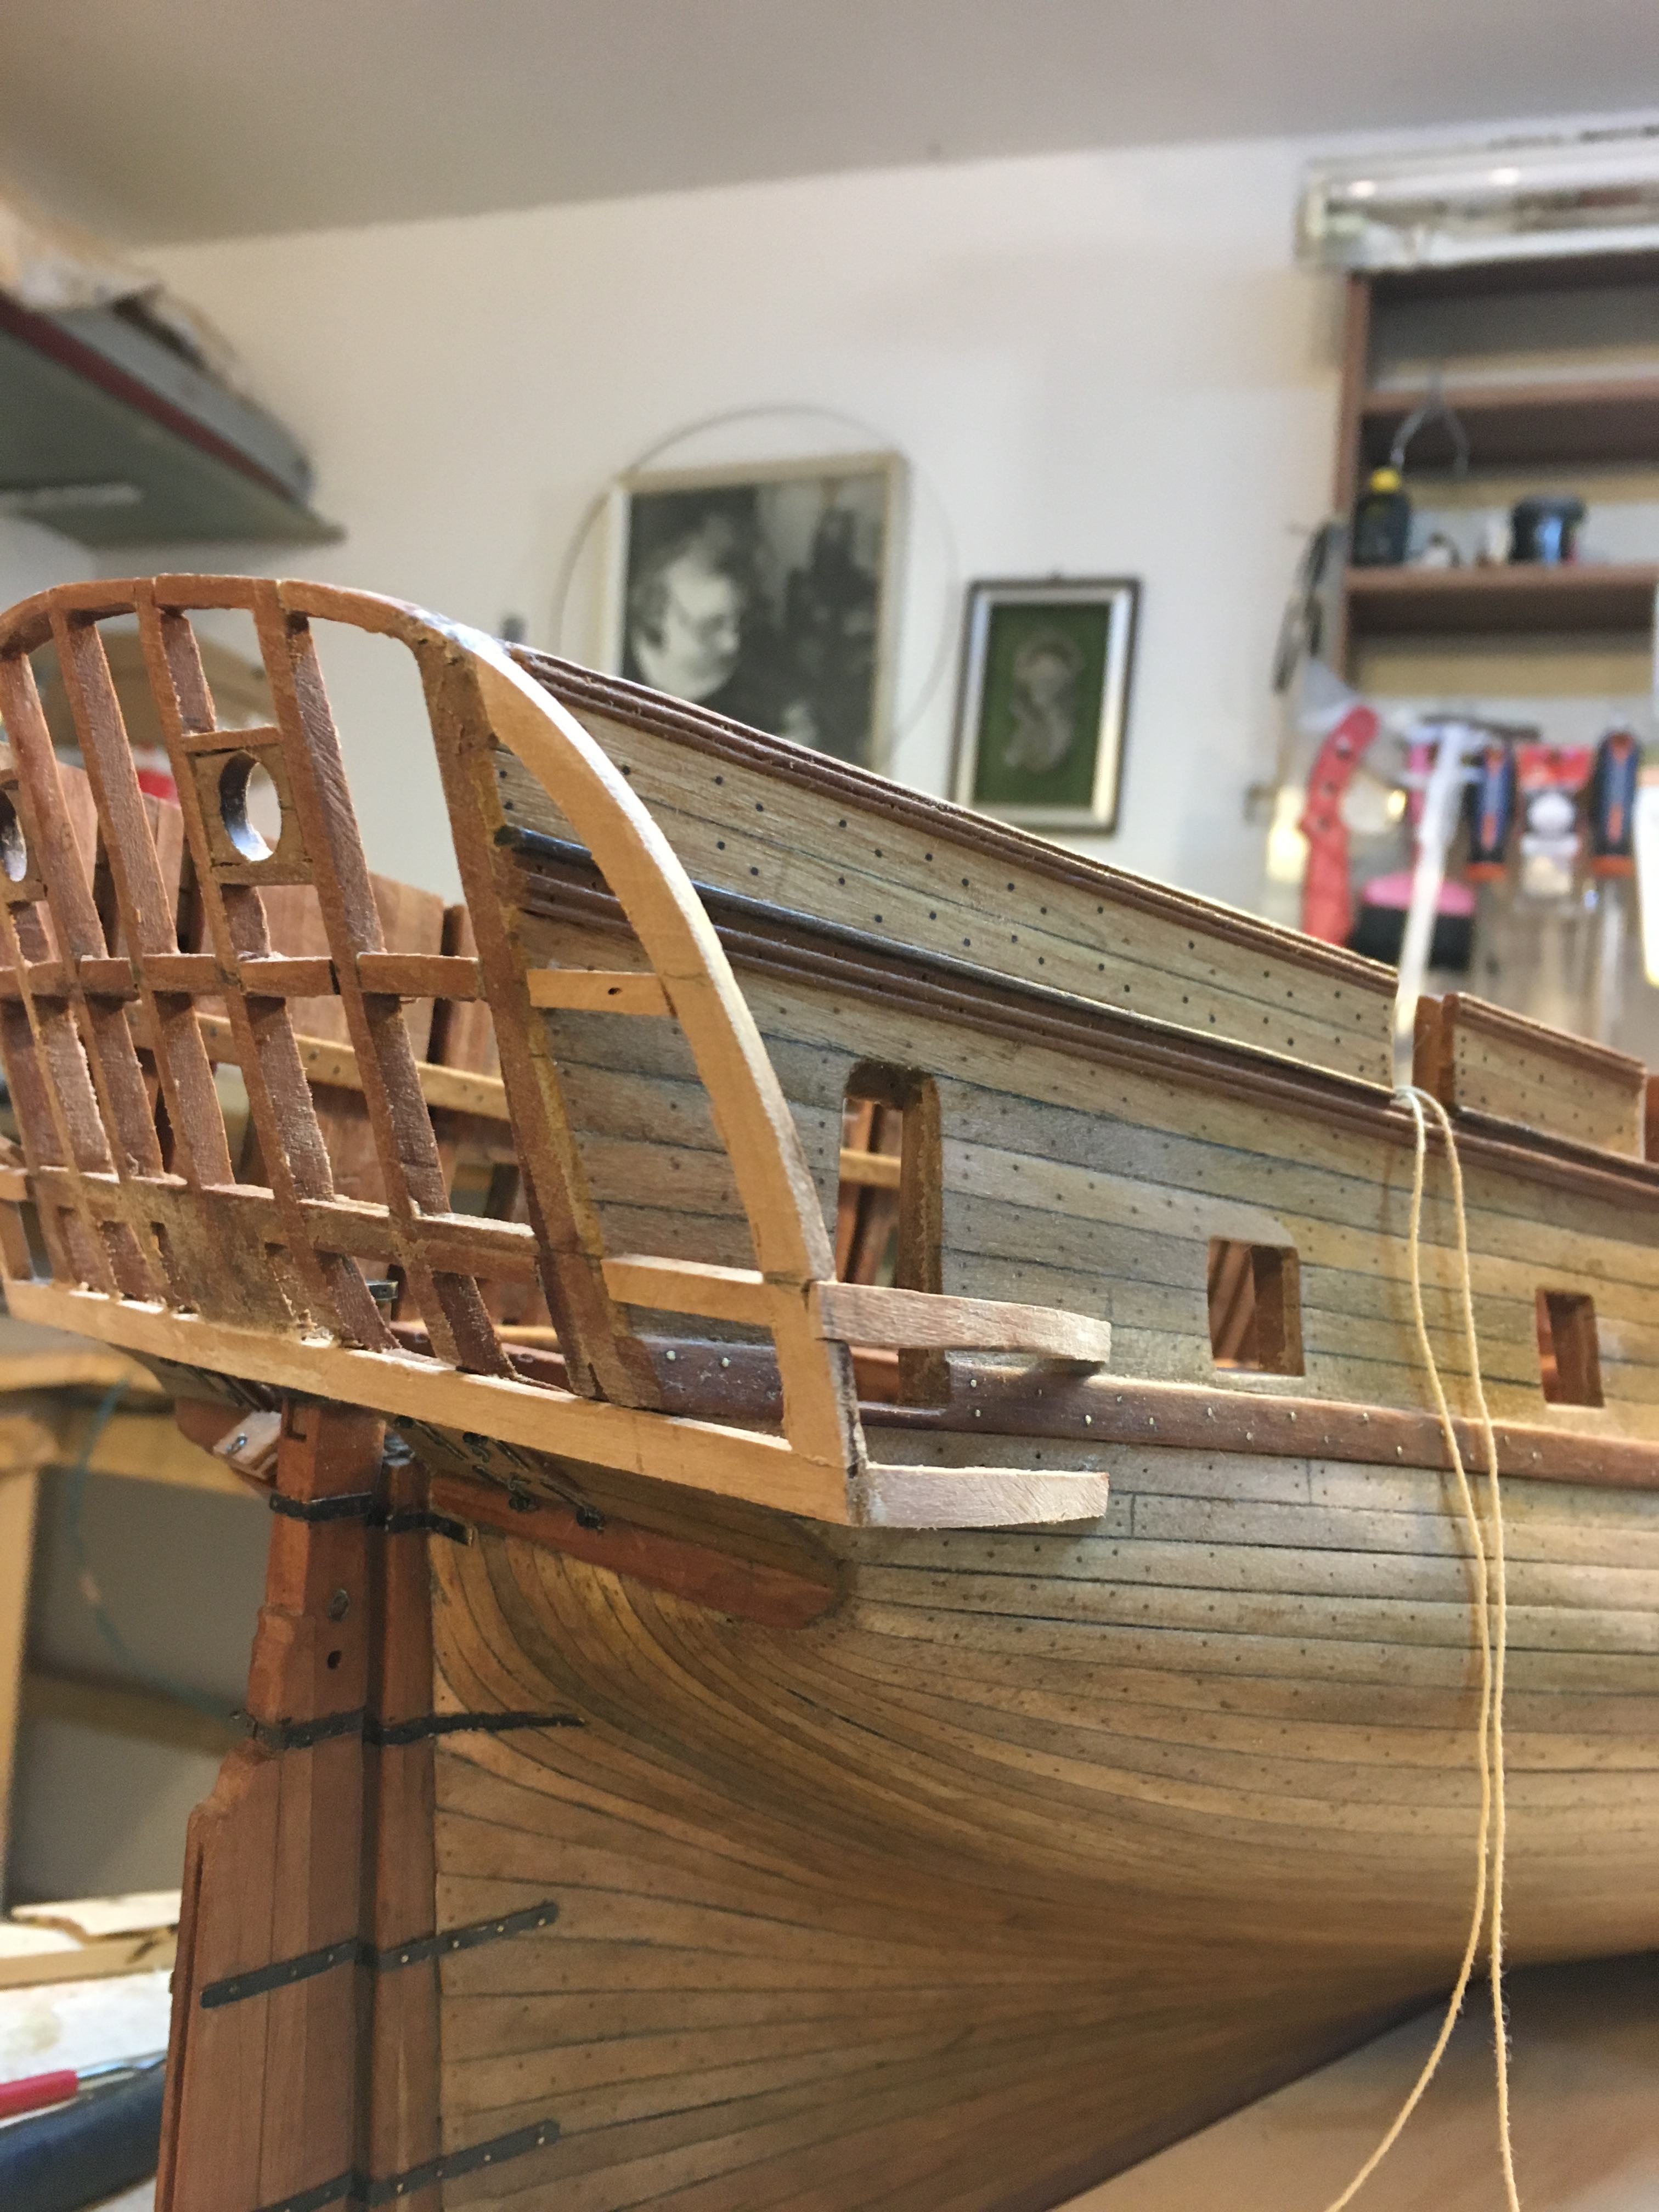 Fregata L'HERMIONE(arsenale)scala 1/48 di Carmelo Tuccitto - Pagina 4 Adb63410